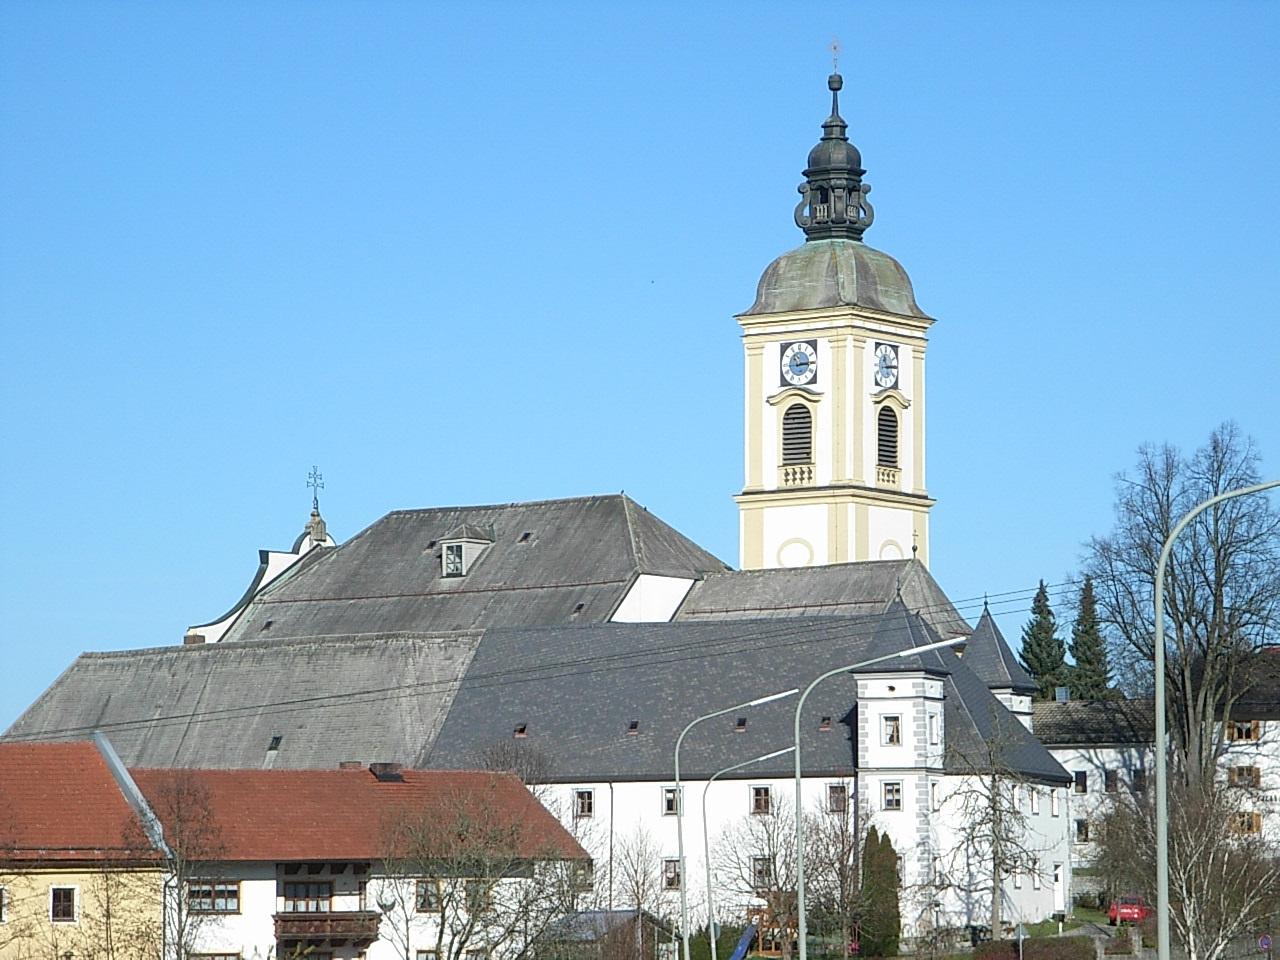 Rinchnach2C 16  November 004